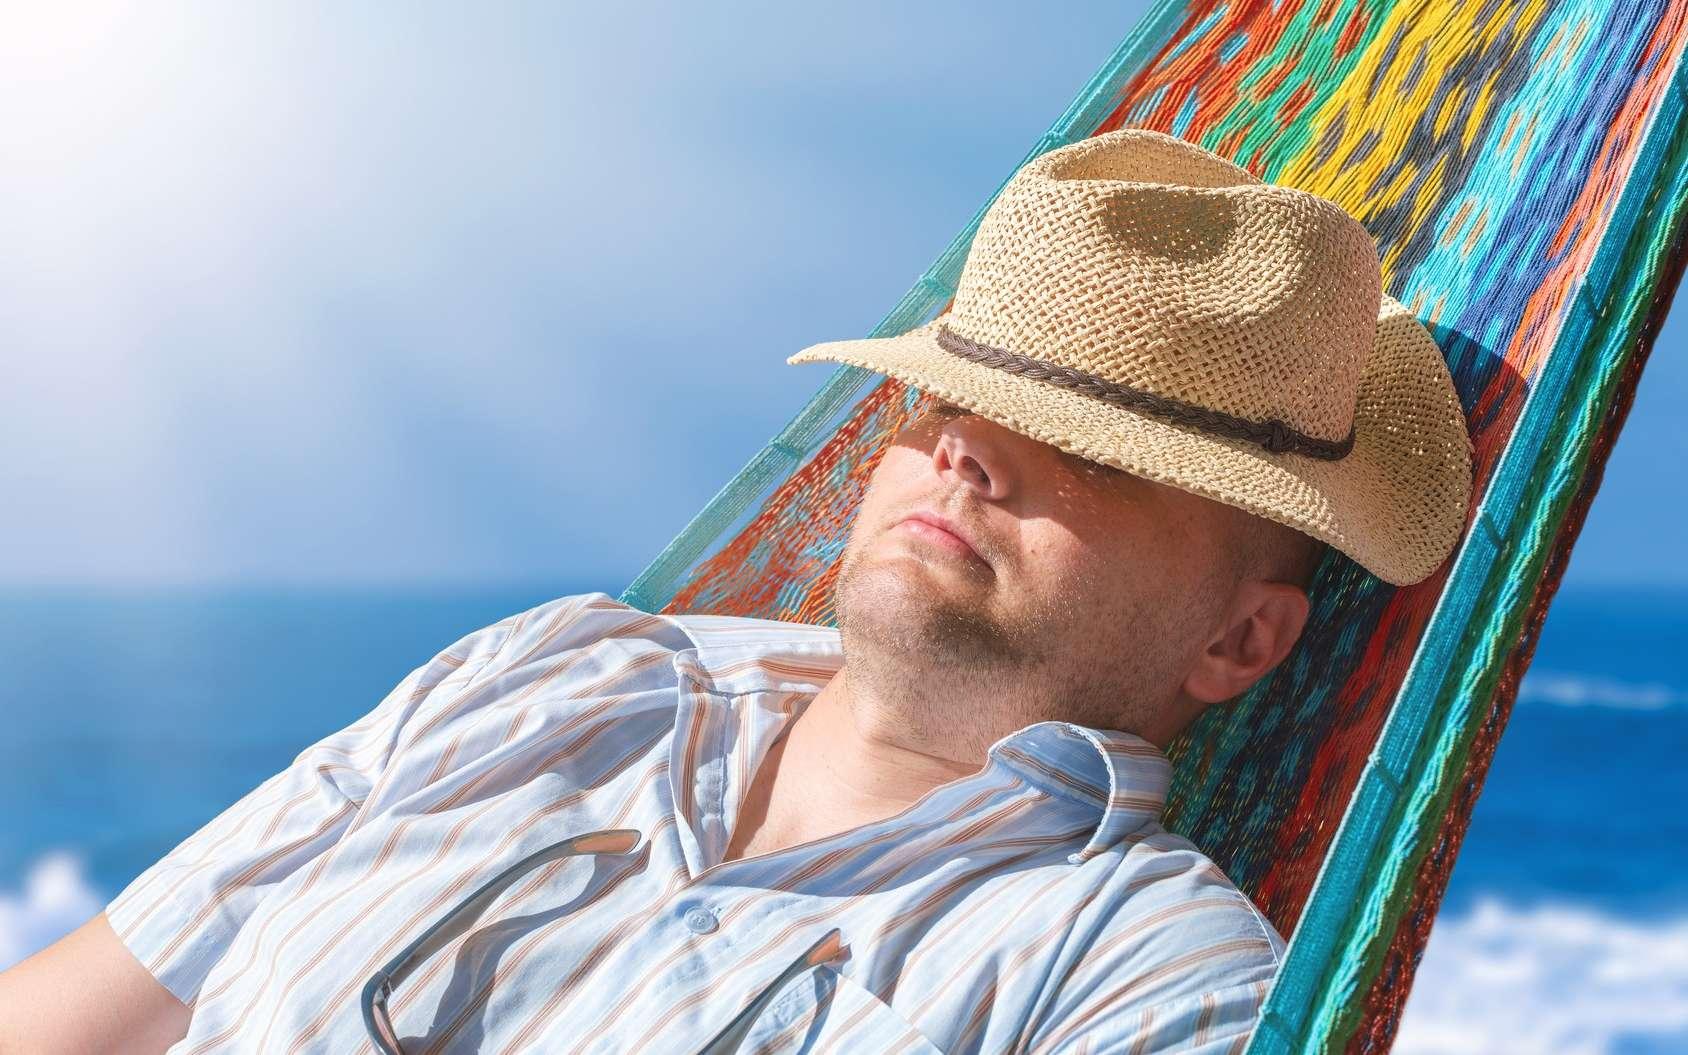 Une vie trop stressante peut être néfaste... Prenez des vacances ! © Sonja Birkelbach, Fotolia